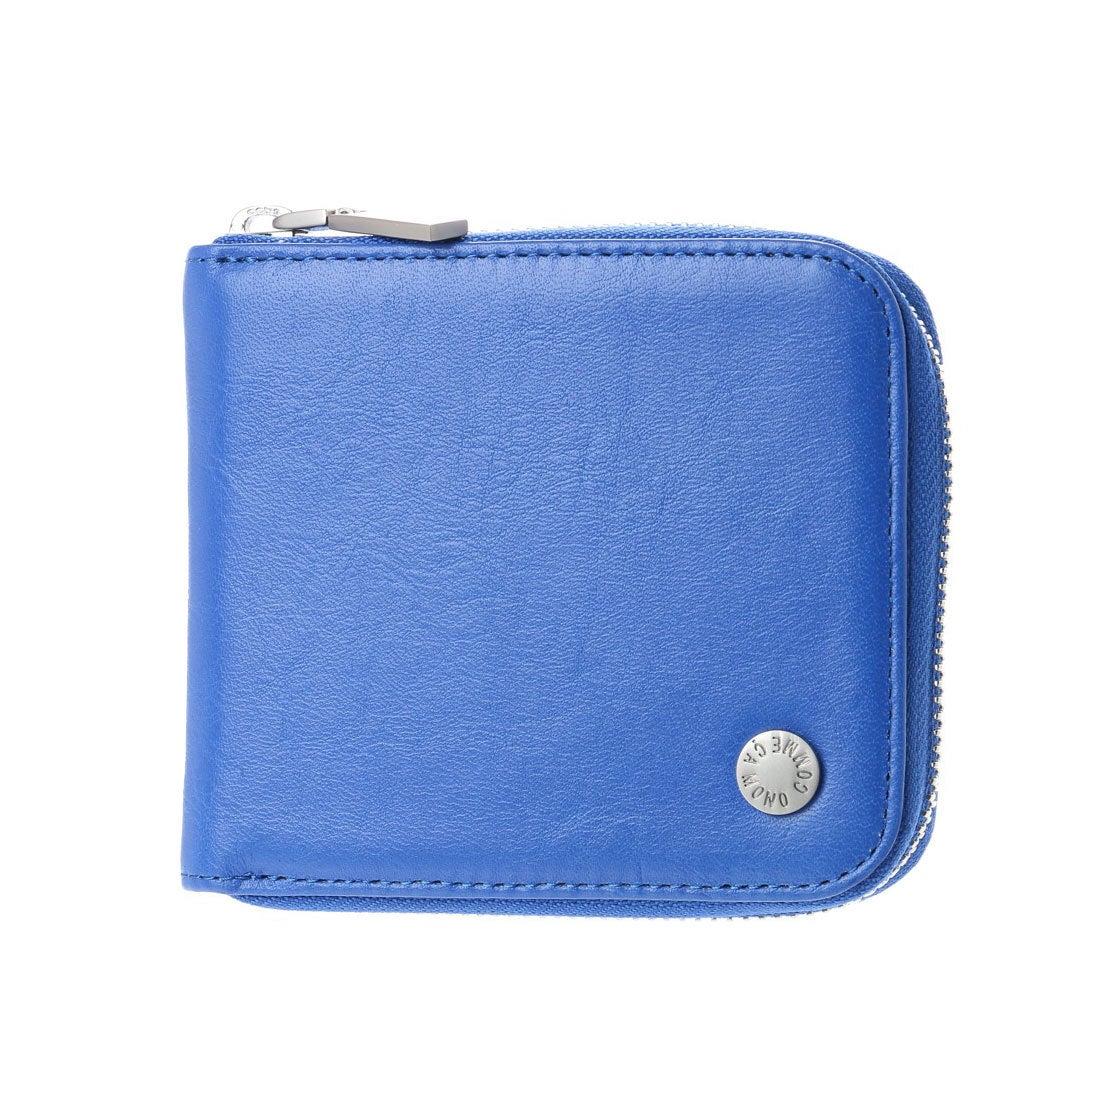 be014b0408e0 コムサイズム COMME CA ISM MONOラウンドファスナー2つ折り財布 (ブルー) -靴&ファッション通販 ロコンド〜自宅で試着、気軽に返品